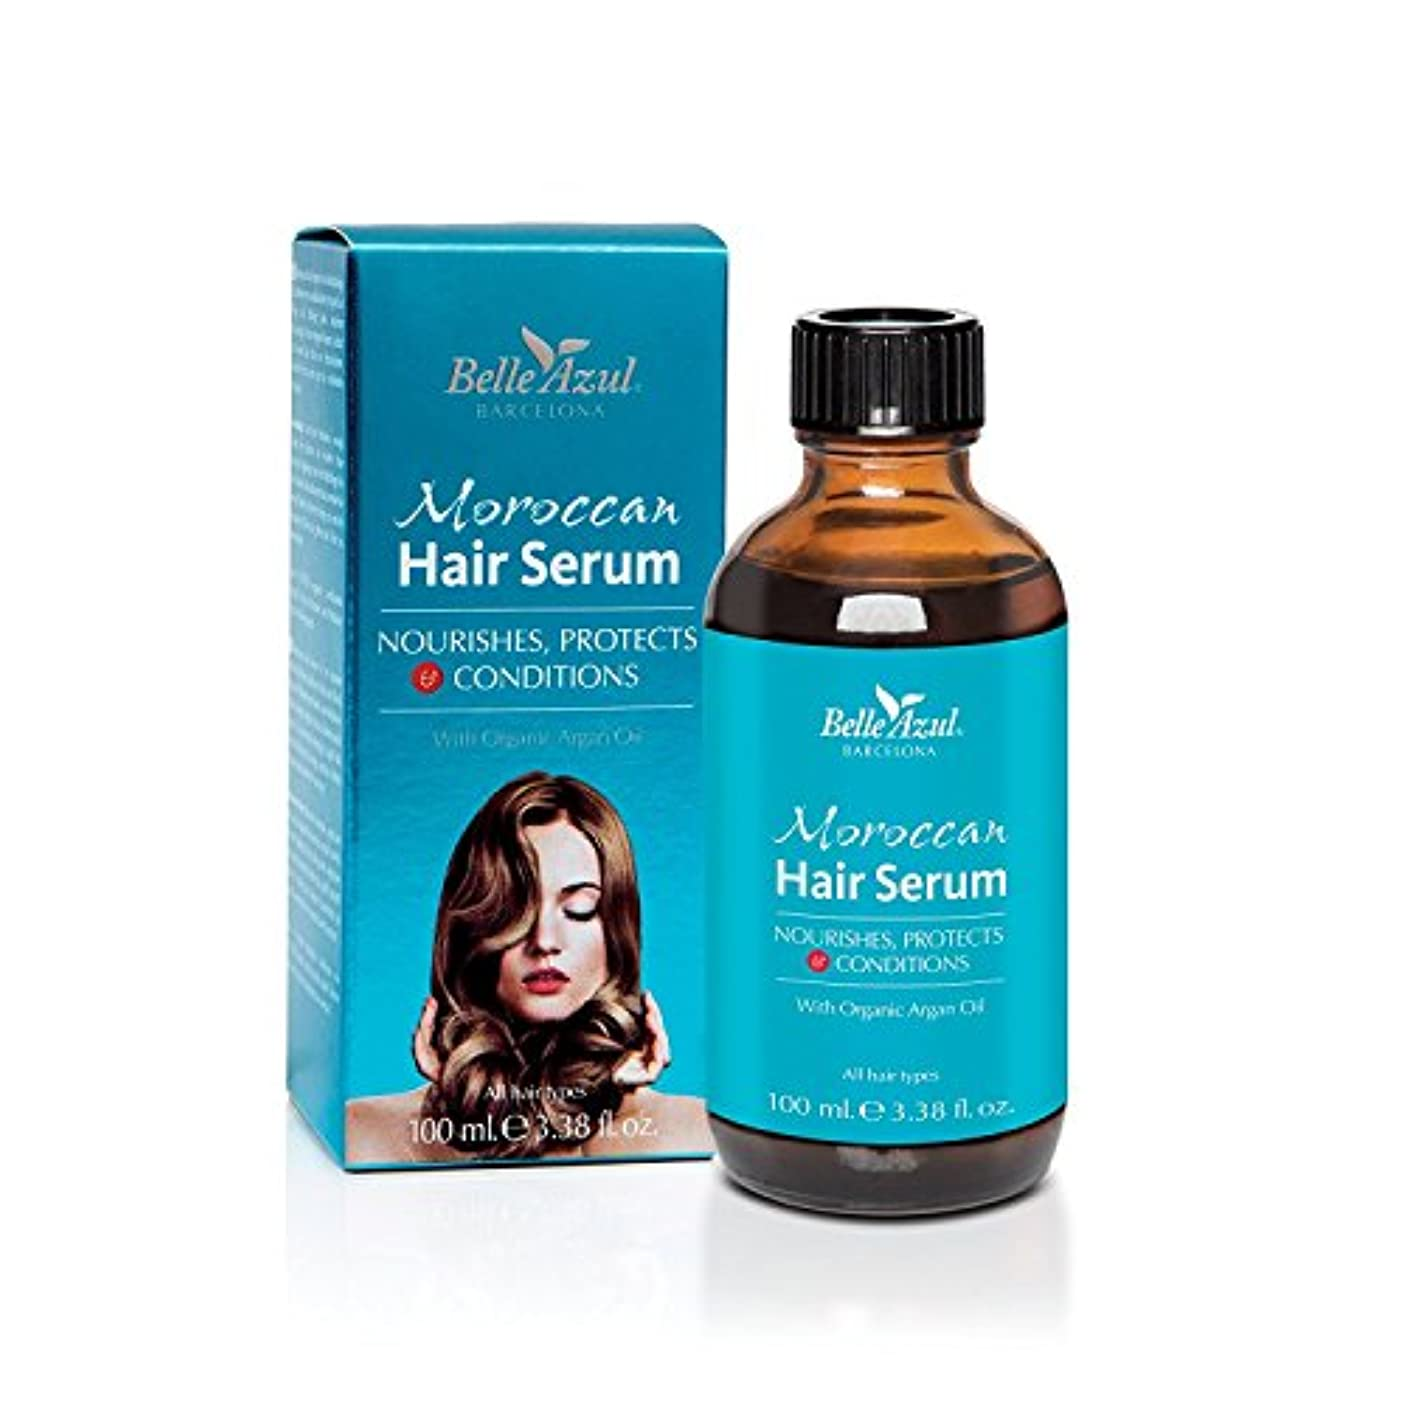 ほとんどない外交官誤解ベルアスール (Belle Azul) モロッカン ヘア セラム 髪用 美容液 アルガンオイル 配合